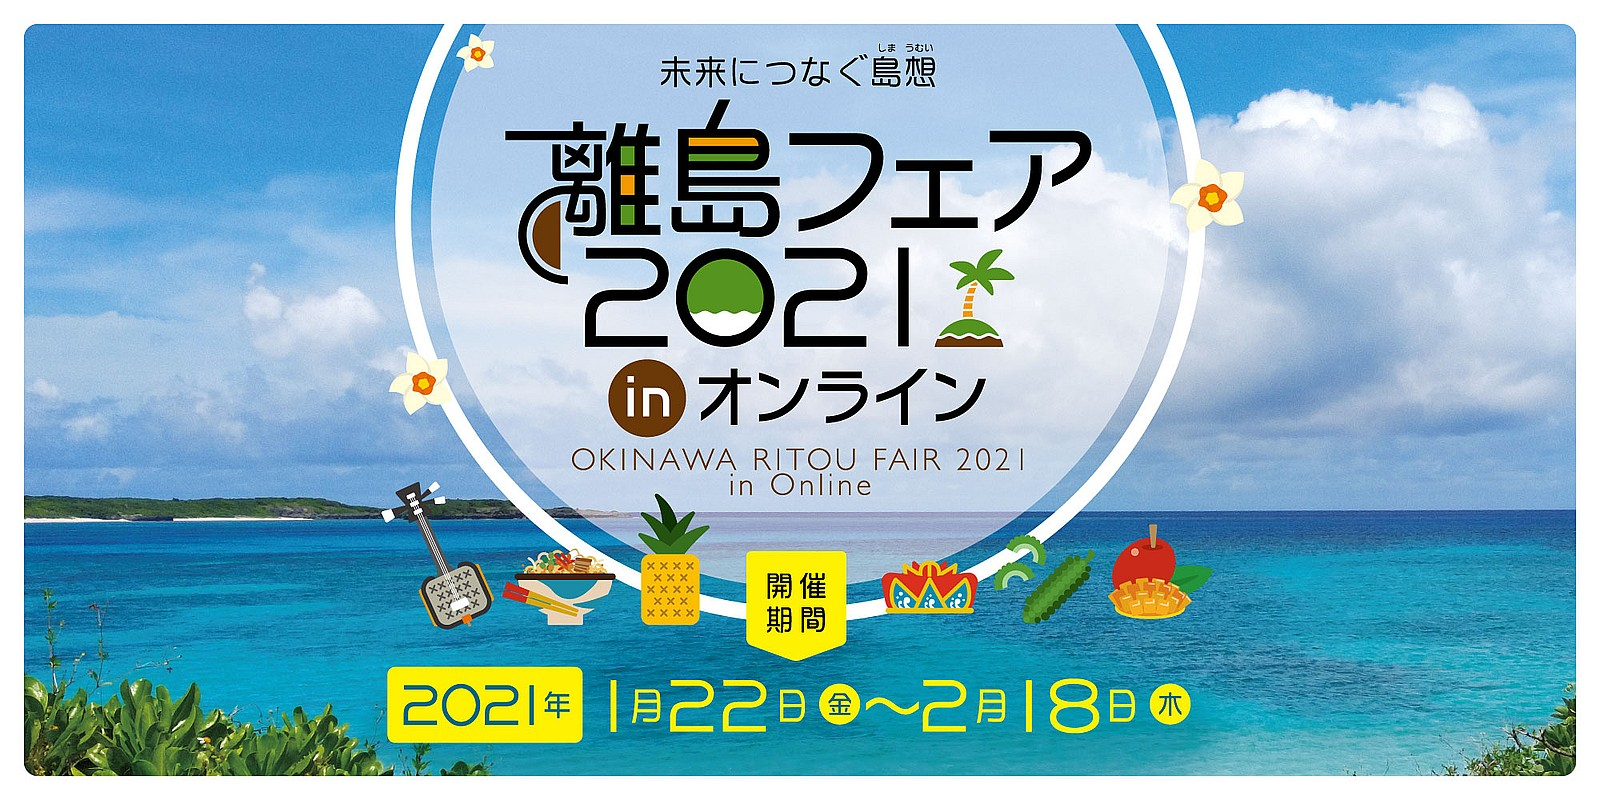 離島フェア2021 in オンライン